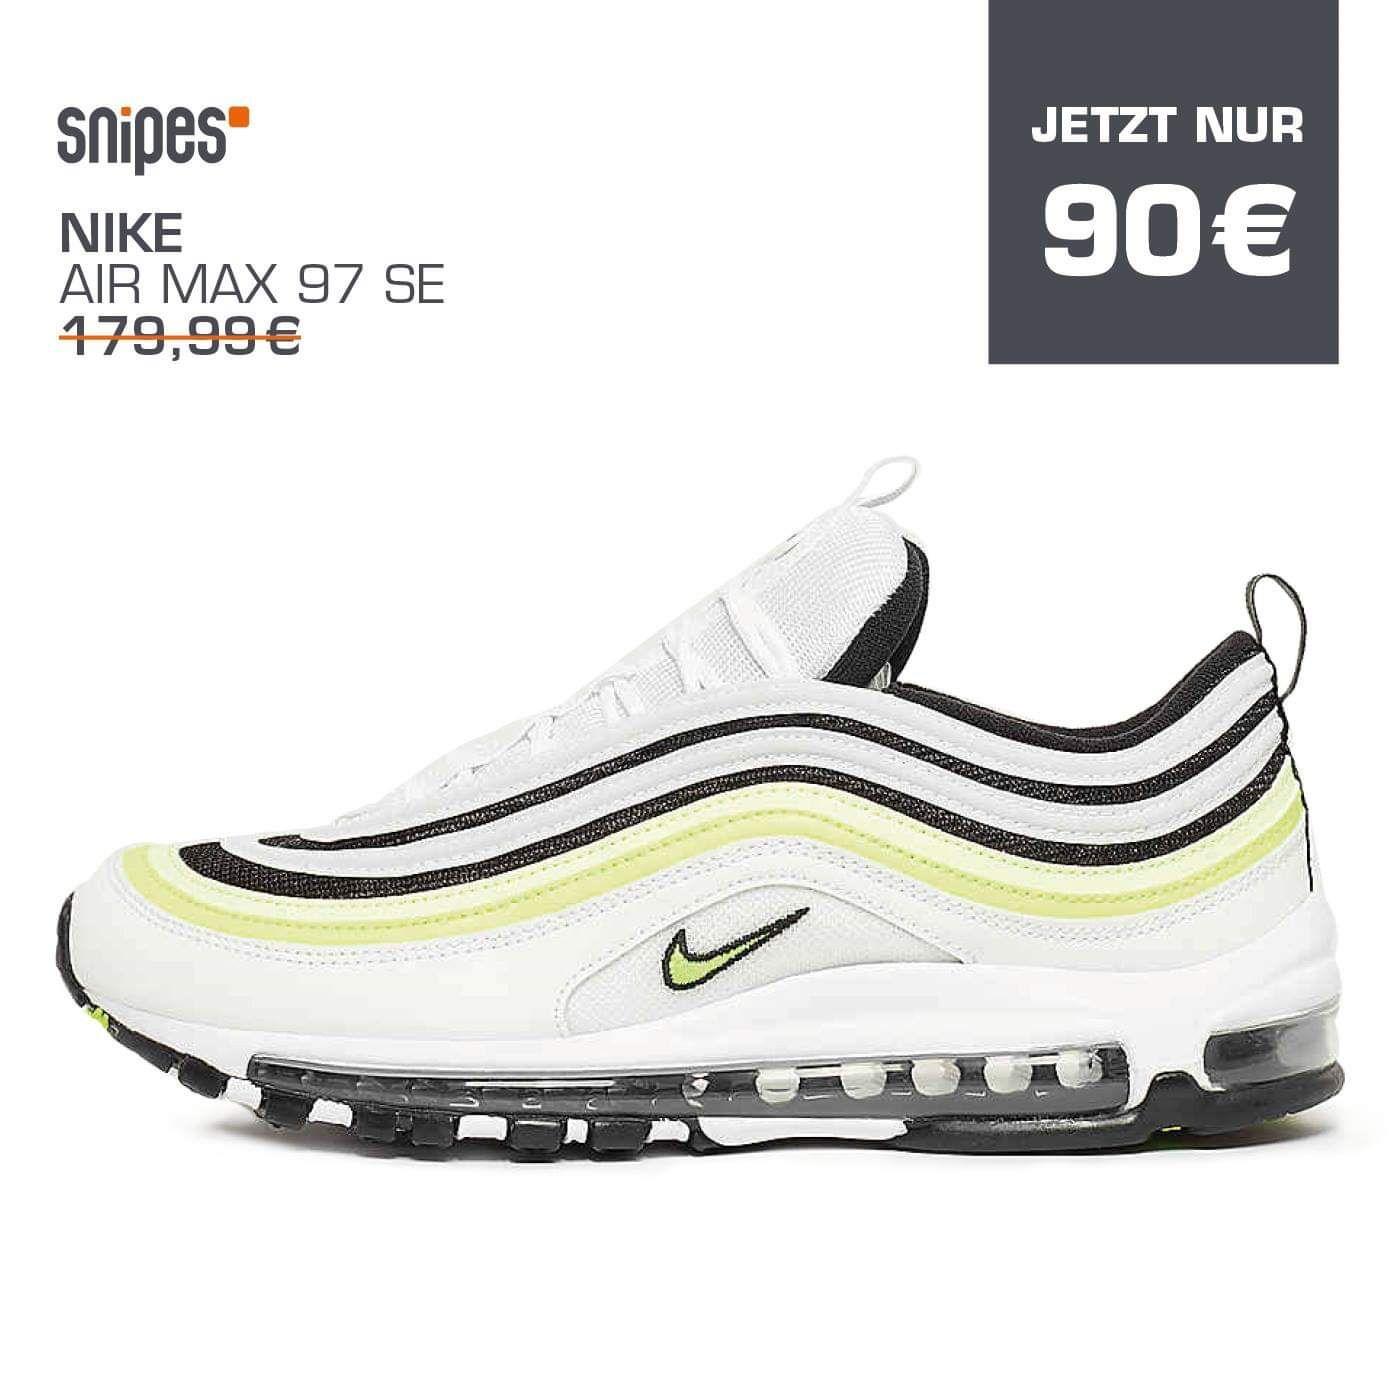 [Düsseldorf] Snipes Neueröffnung - mit guten Sneaker-Angeboten